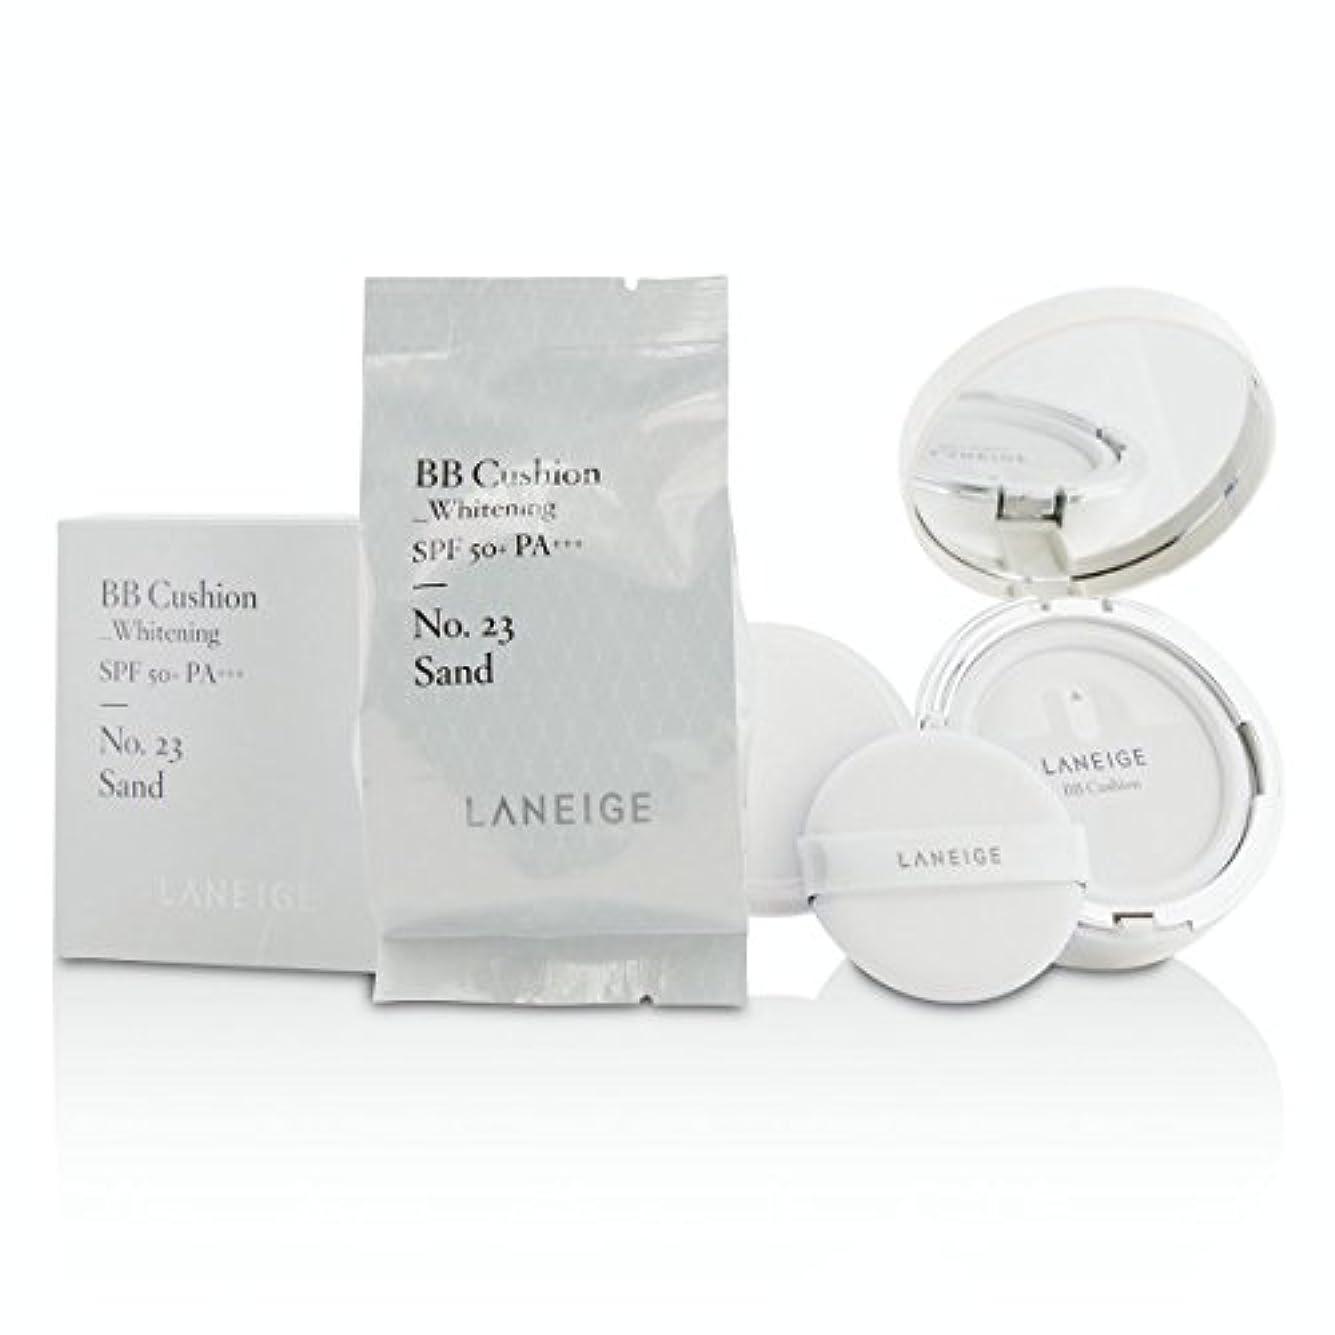 反対にひそかに慣性[Laneige] BB Cushion Foundation (Whitening) SPF 50 With Extra Refill - # No. 23 Sand 2x15g/0.5oz